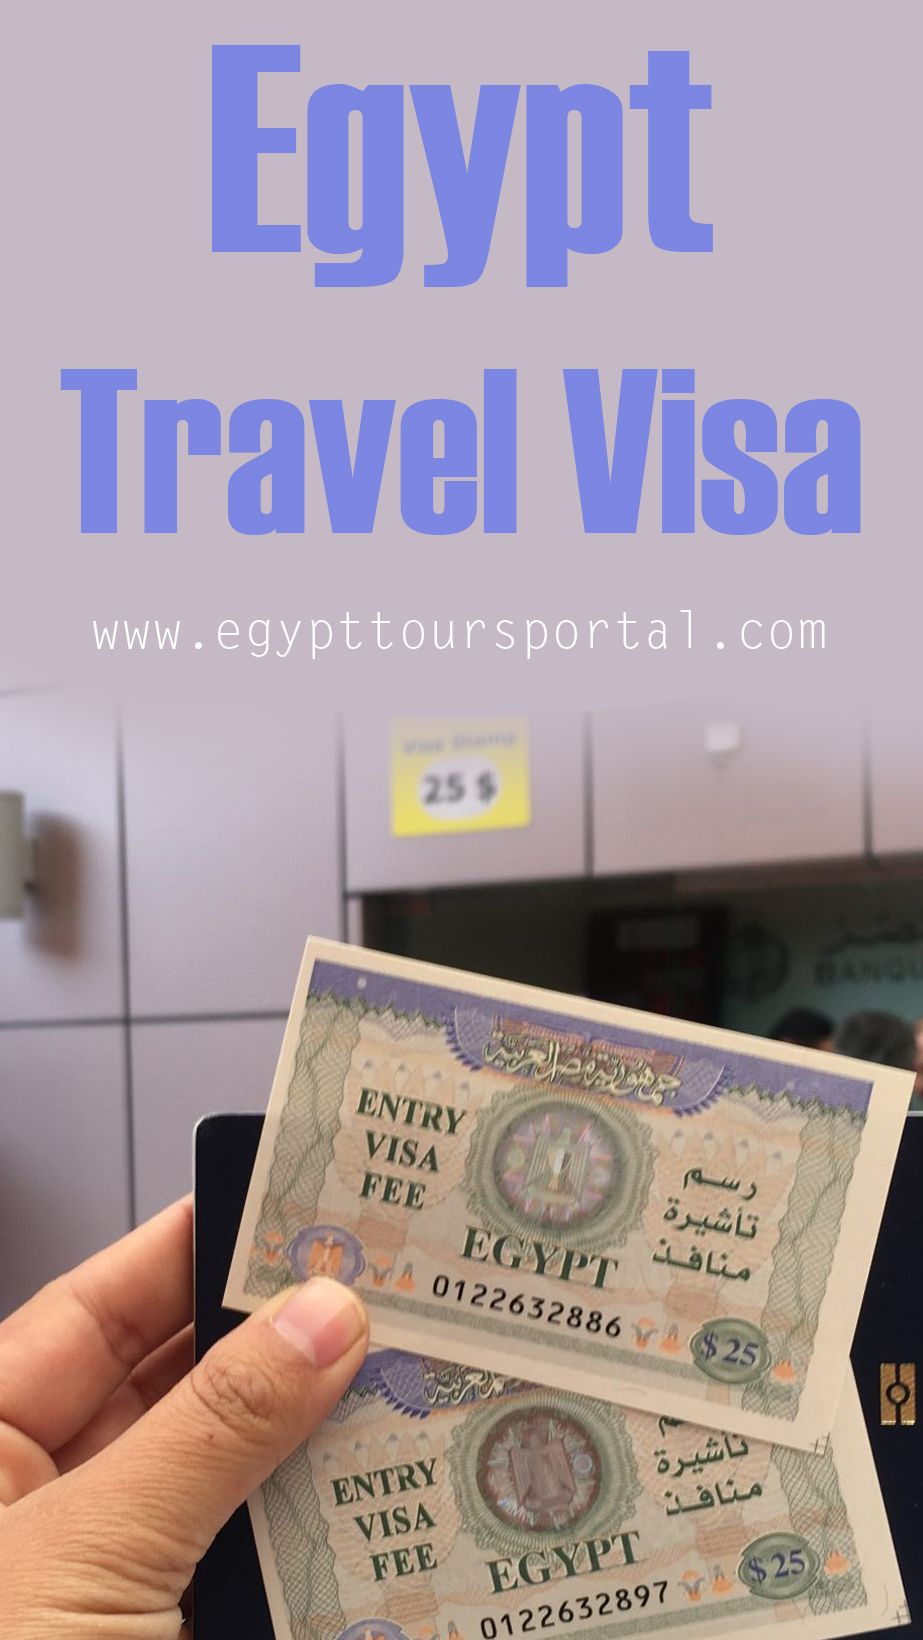 Egypt Travel Visa Egypt Travel Visa Cost Egypt Travel Visa Application Egypt Travel Travel Visa Egypt Tours